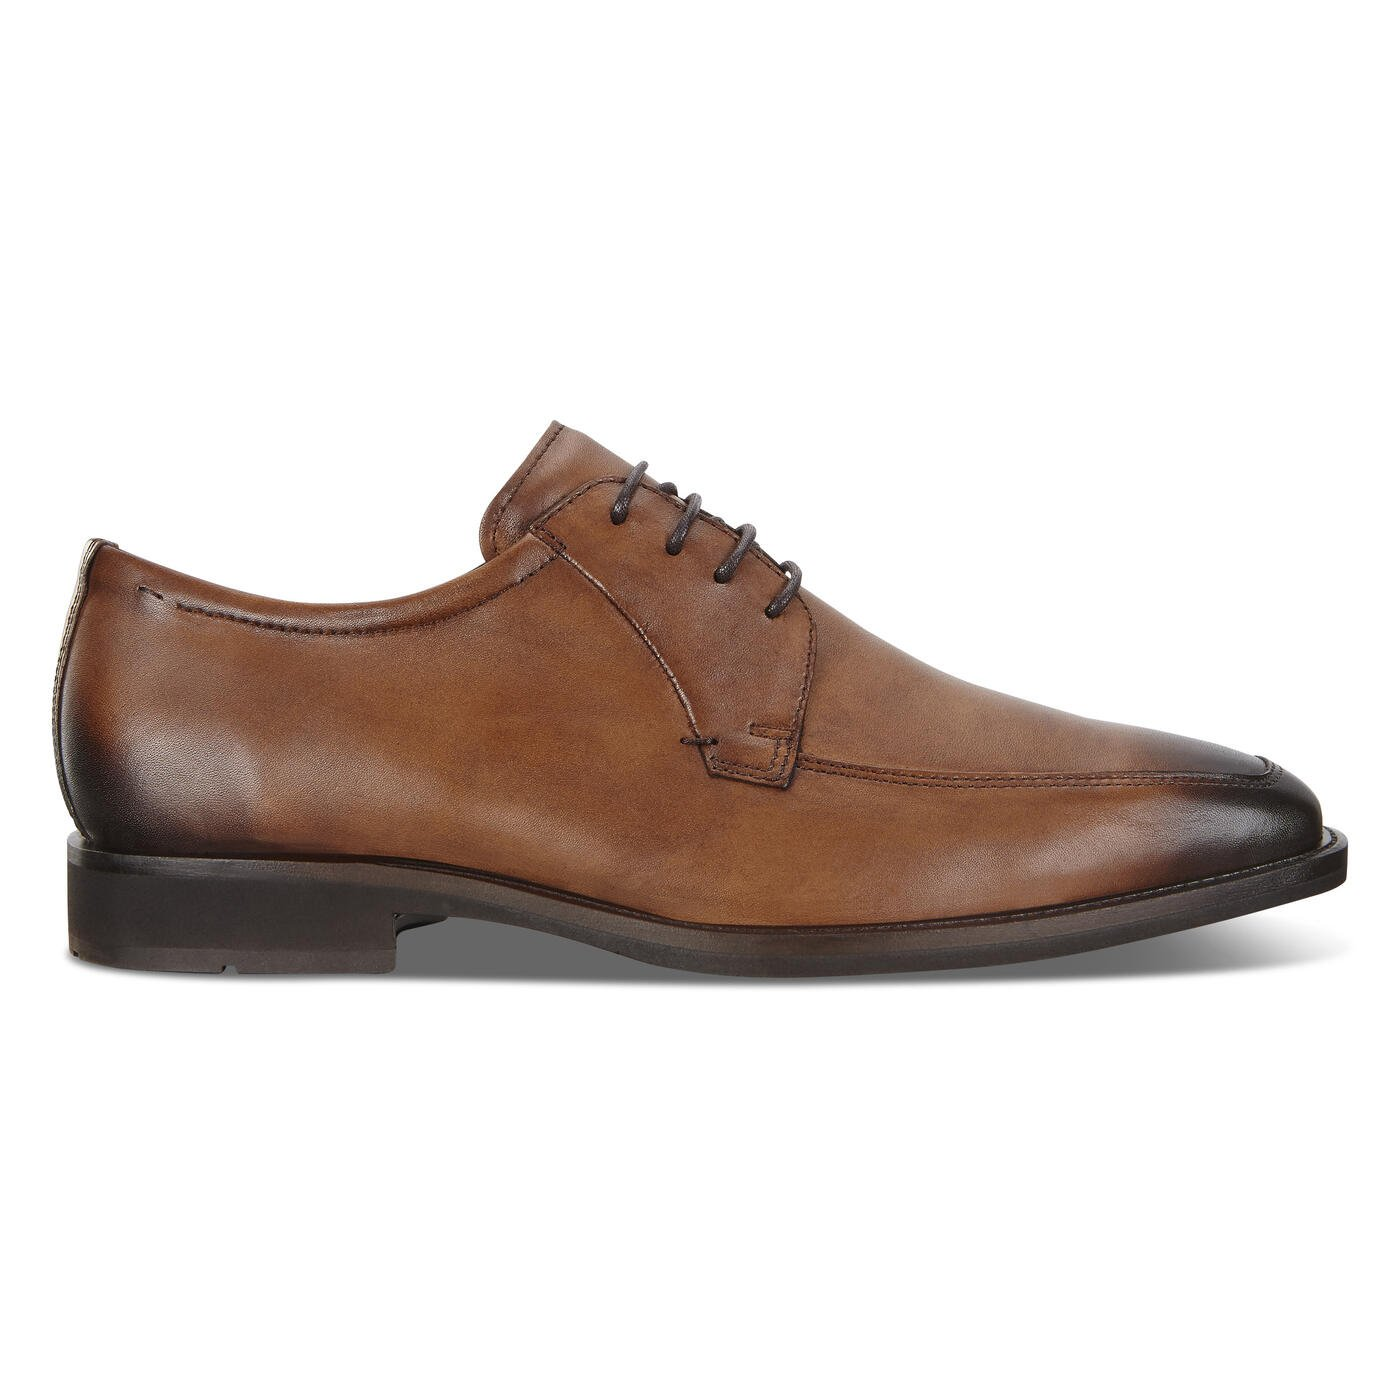 ECCO Calcan Derby Shoes